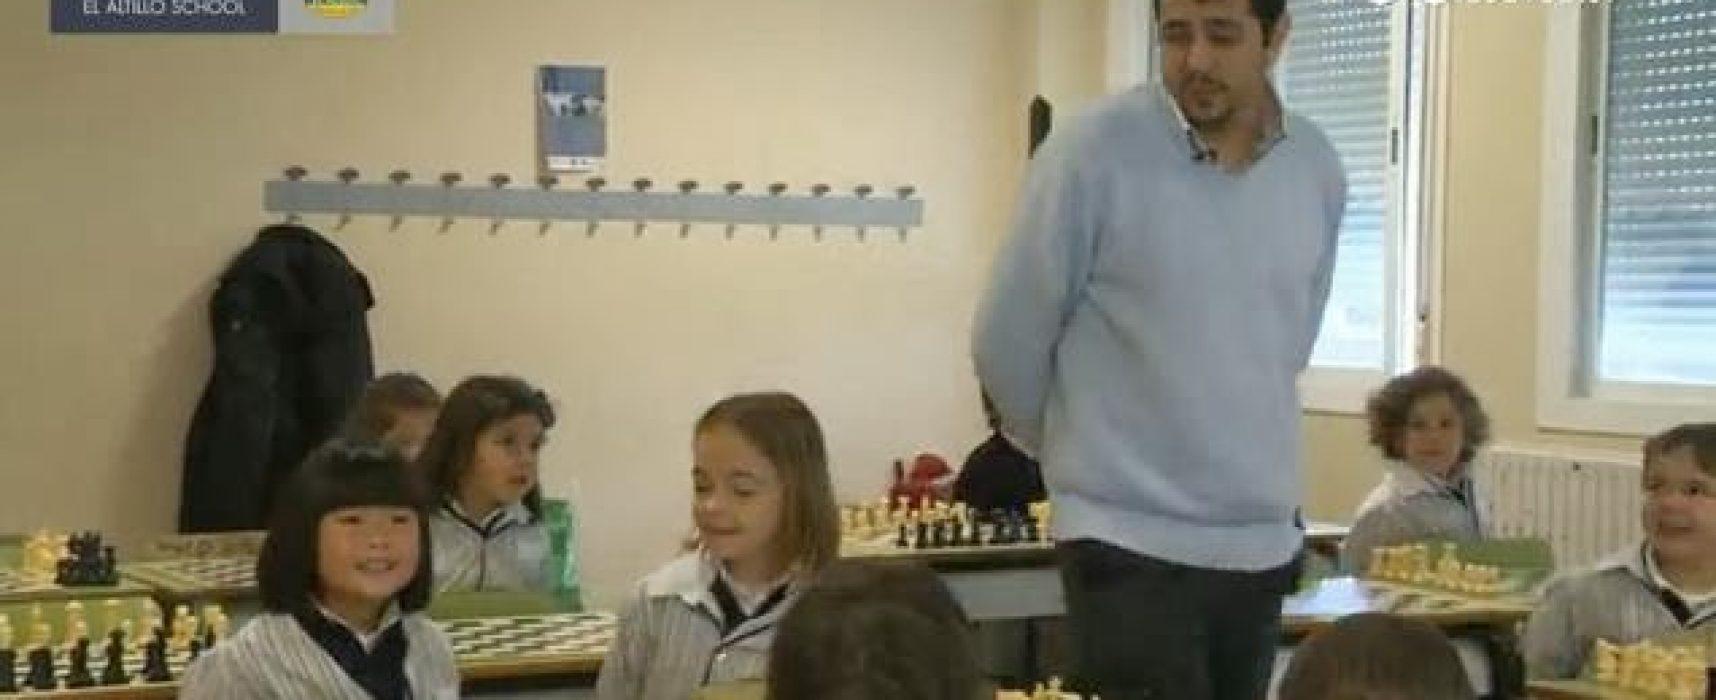 Cap. 20: Entrevista a Daniel Escobar (ajedrez escolar obligatorio) + ajedrez y cine (juego incluido) + AjEdu (mapa escolar)